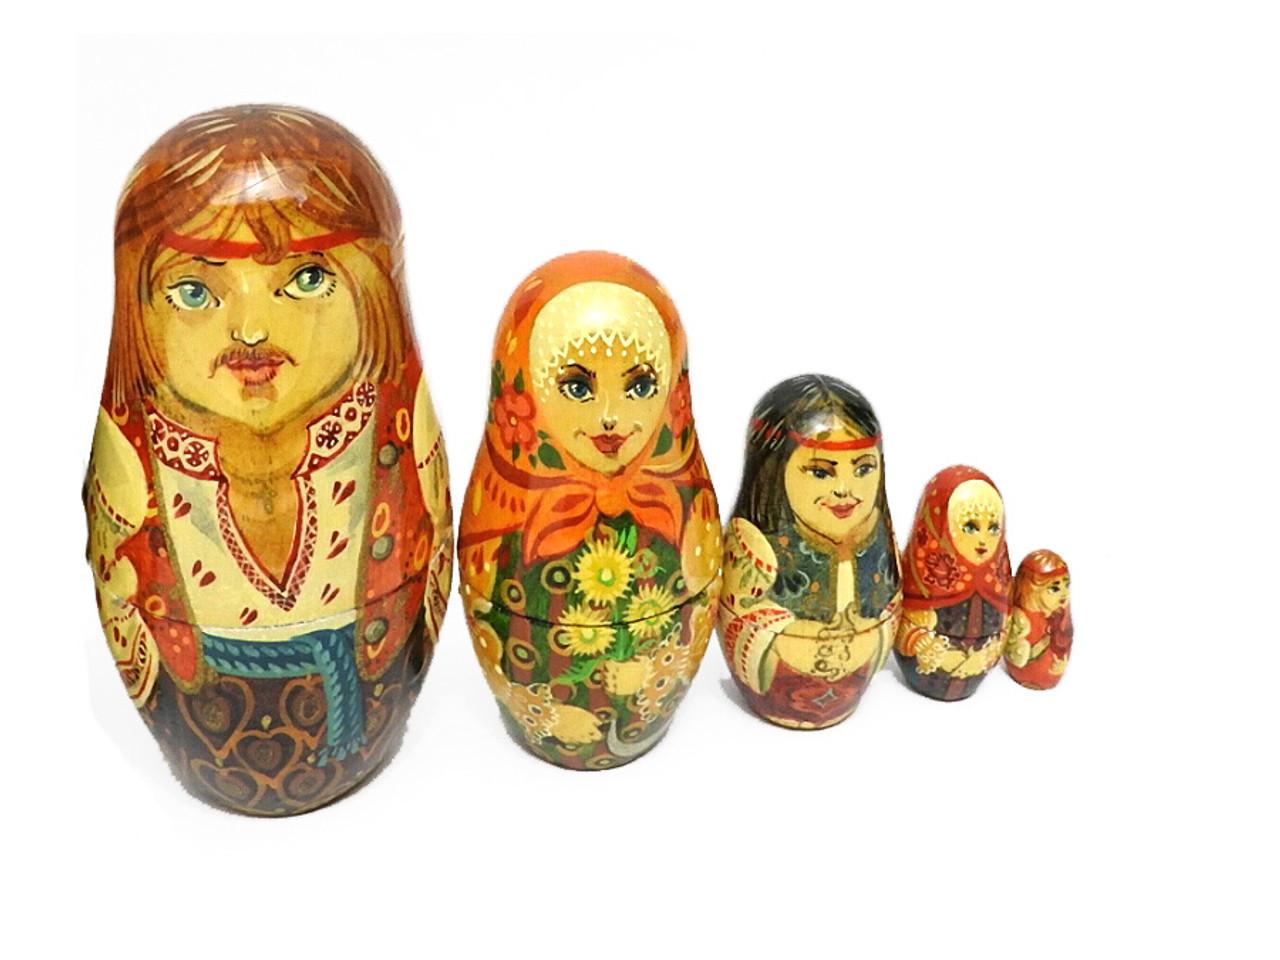 Ukrainian Peasant Family Artistic Matryoshka Doll